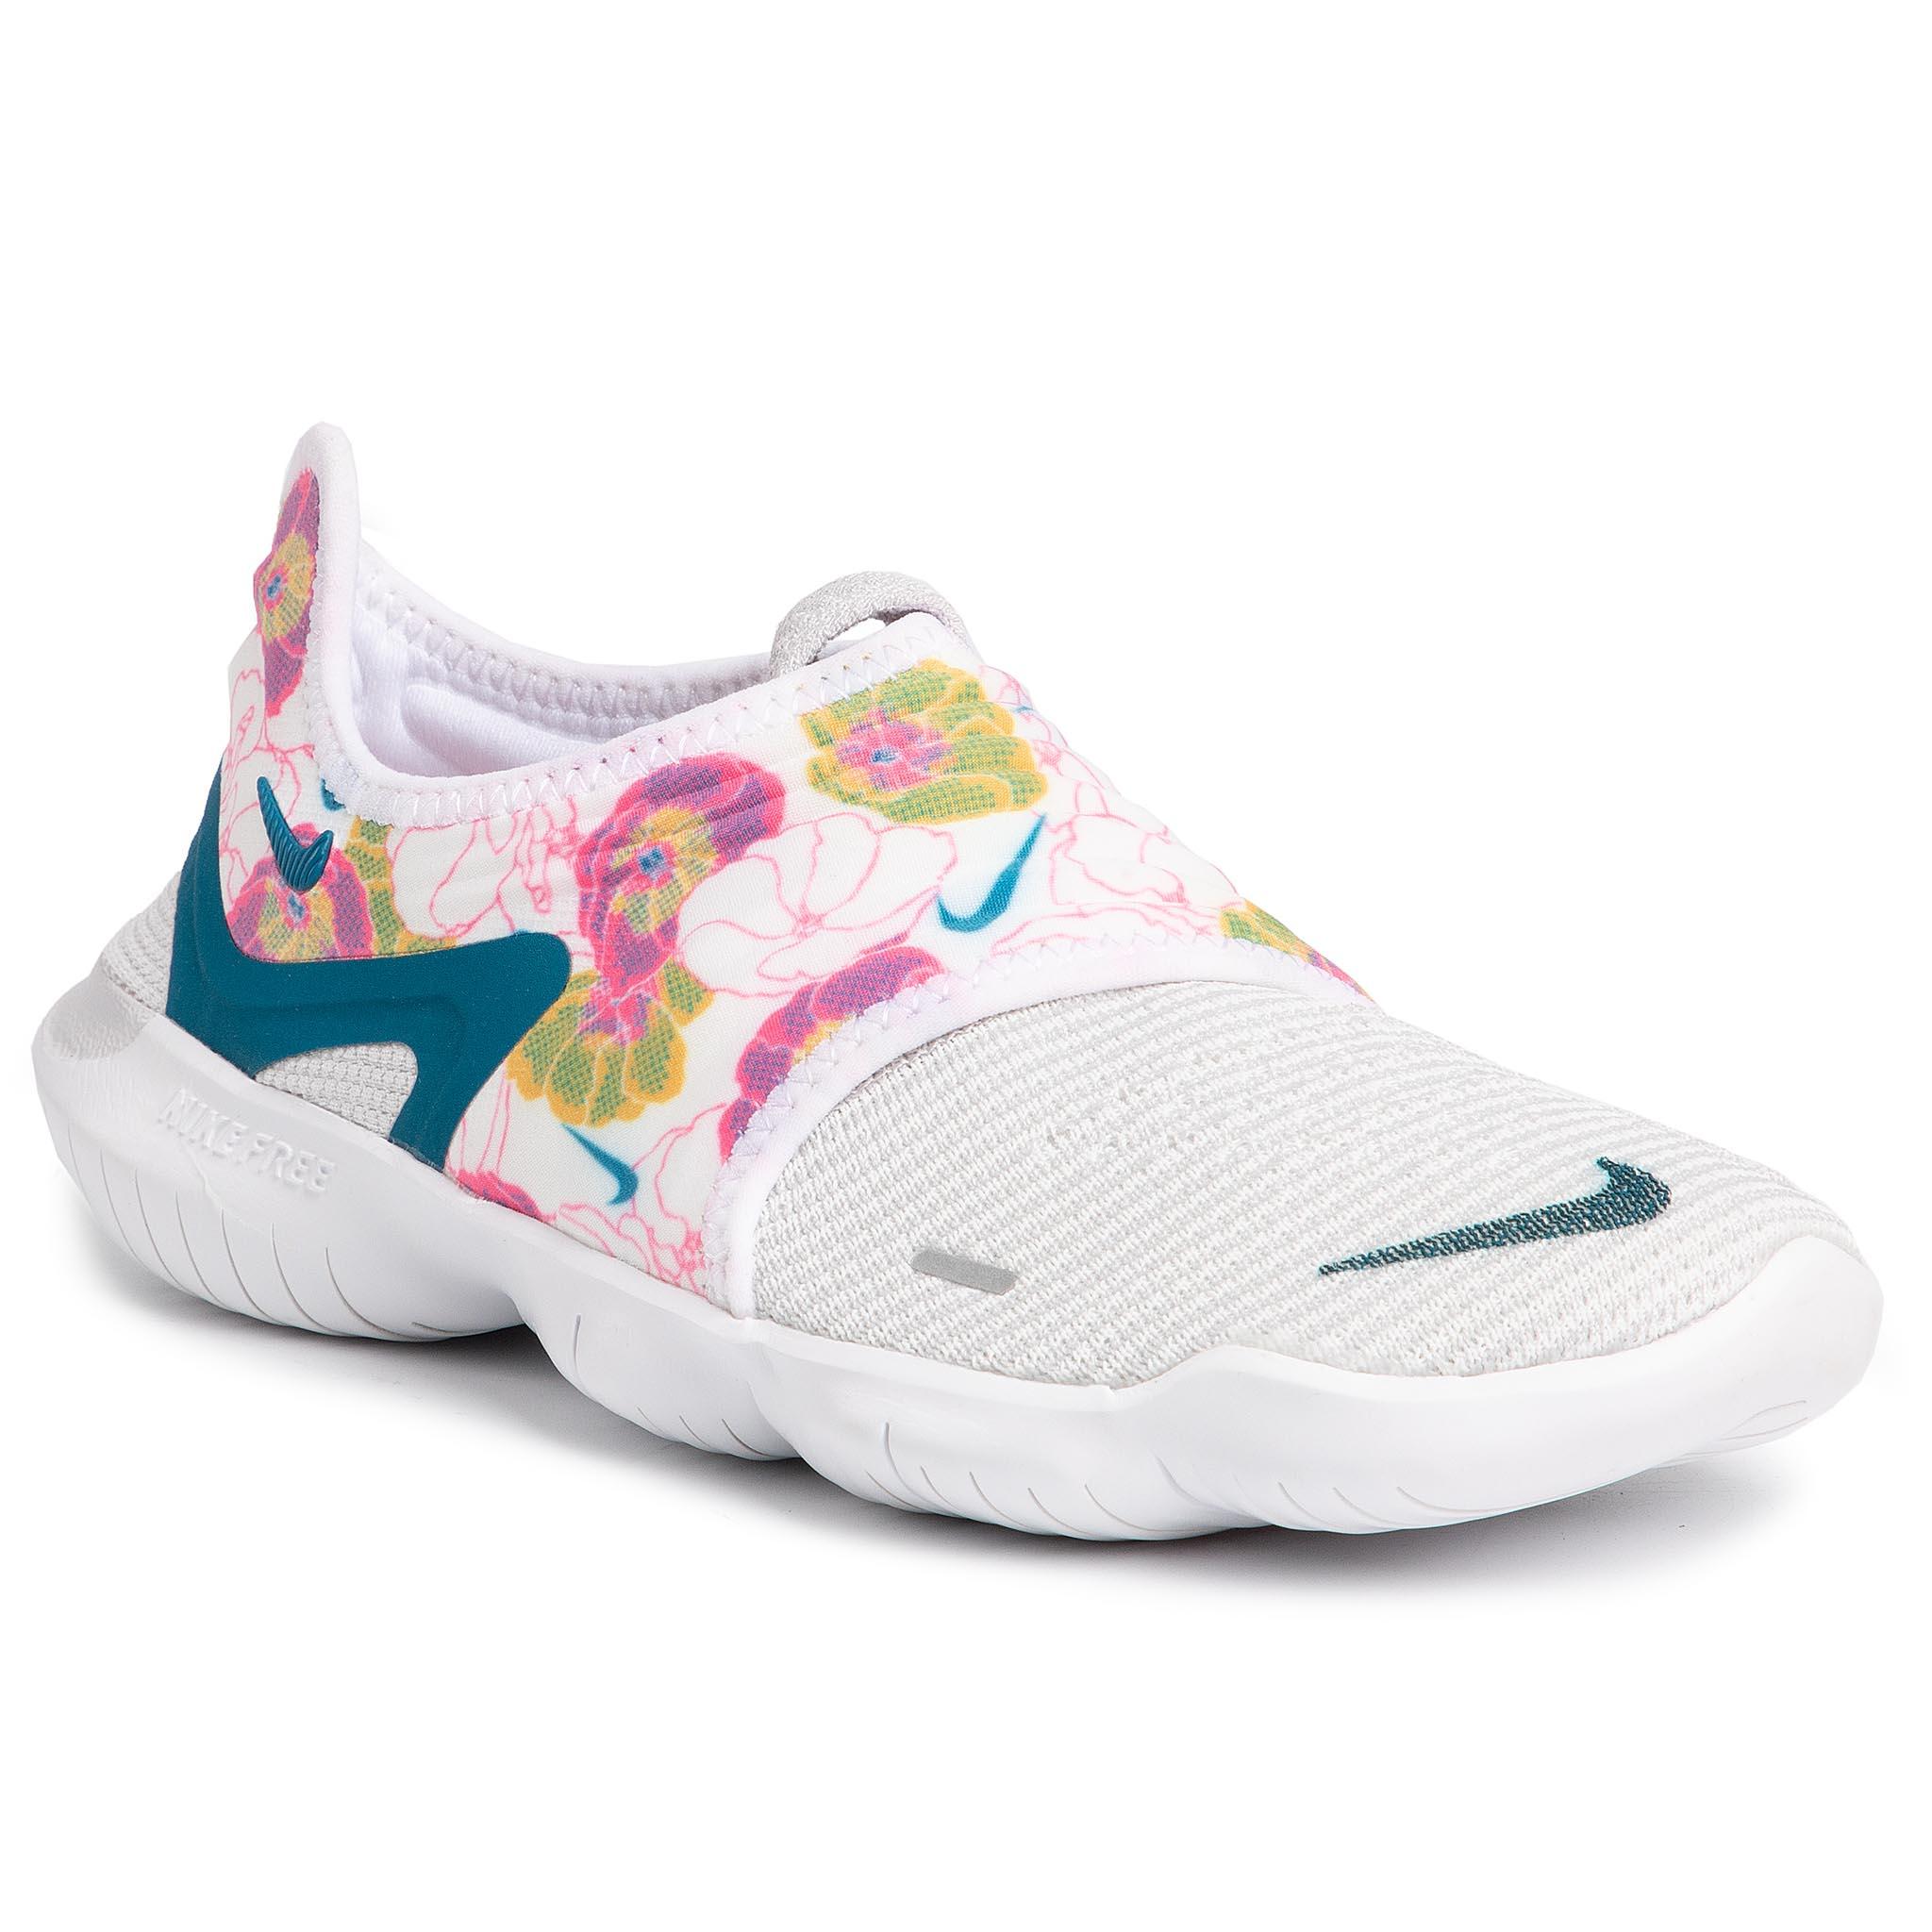 Zapatillas bajas   Free Rn Flyknit 2018 W Calzado Blanco   Nike Mujer